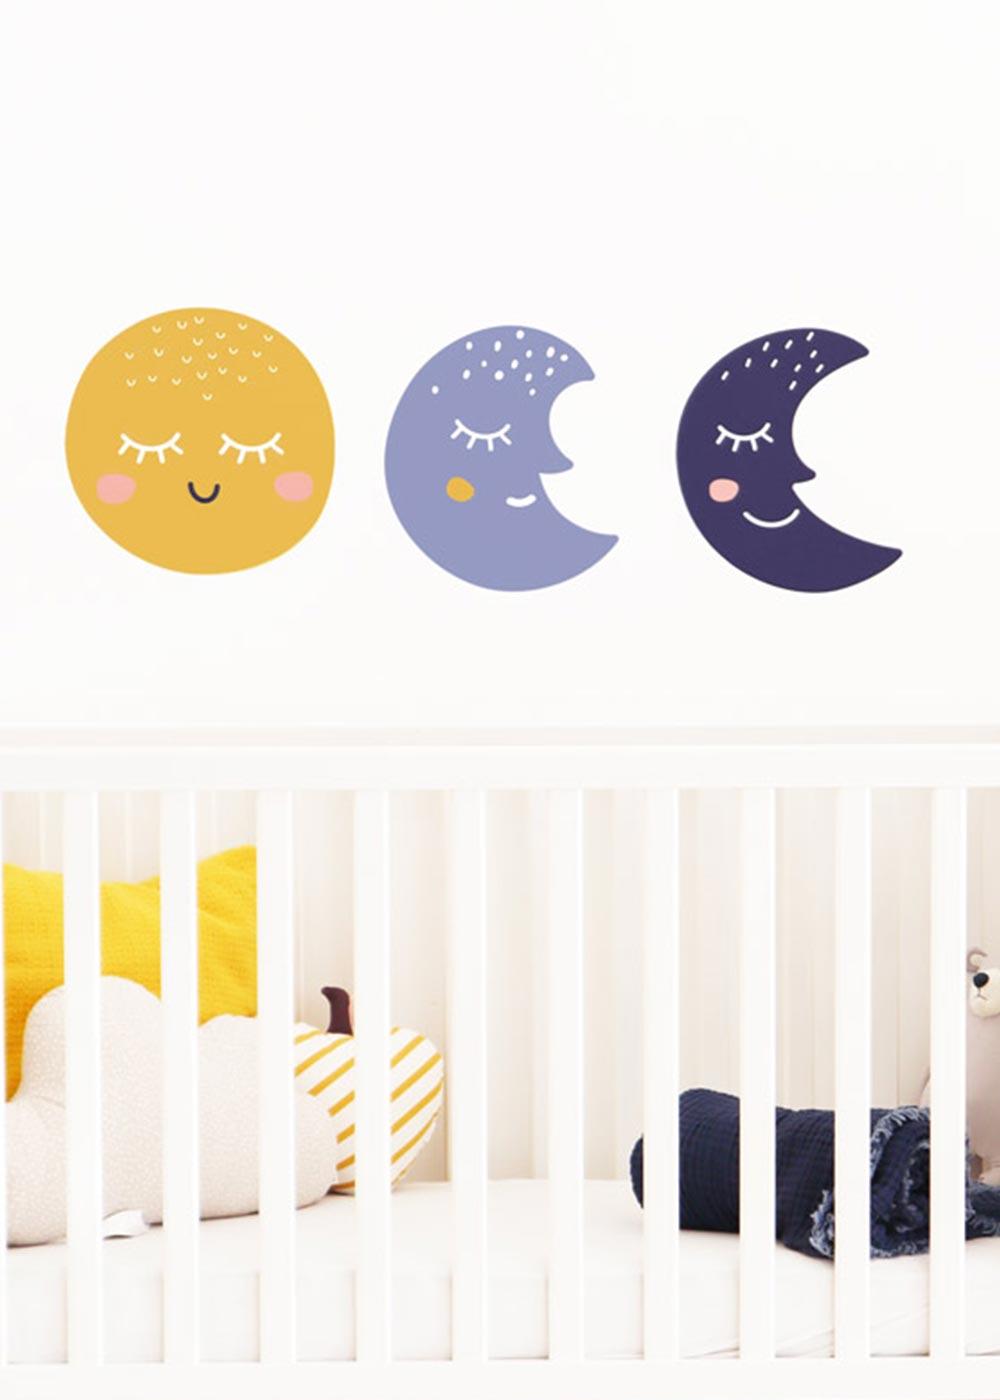 Stickerset Wand Möbel Monde Godnatt Gesamtansicht von vorne